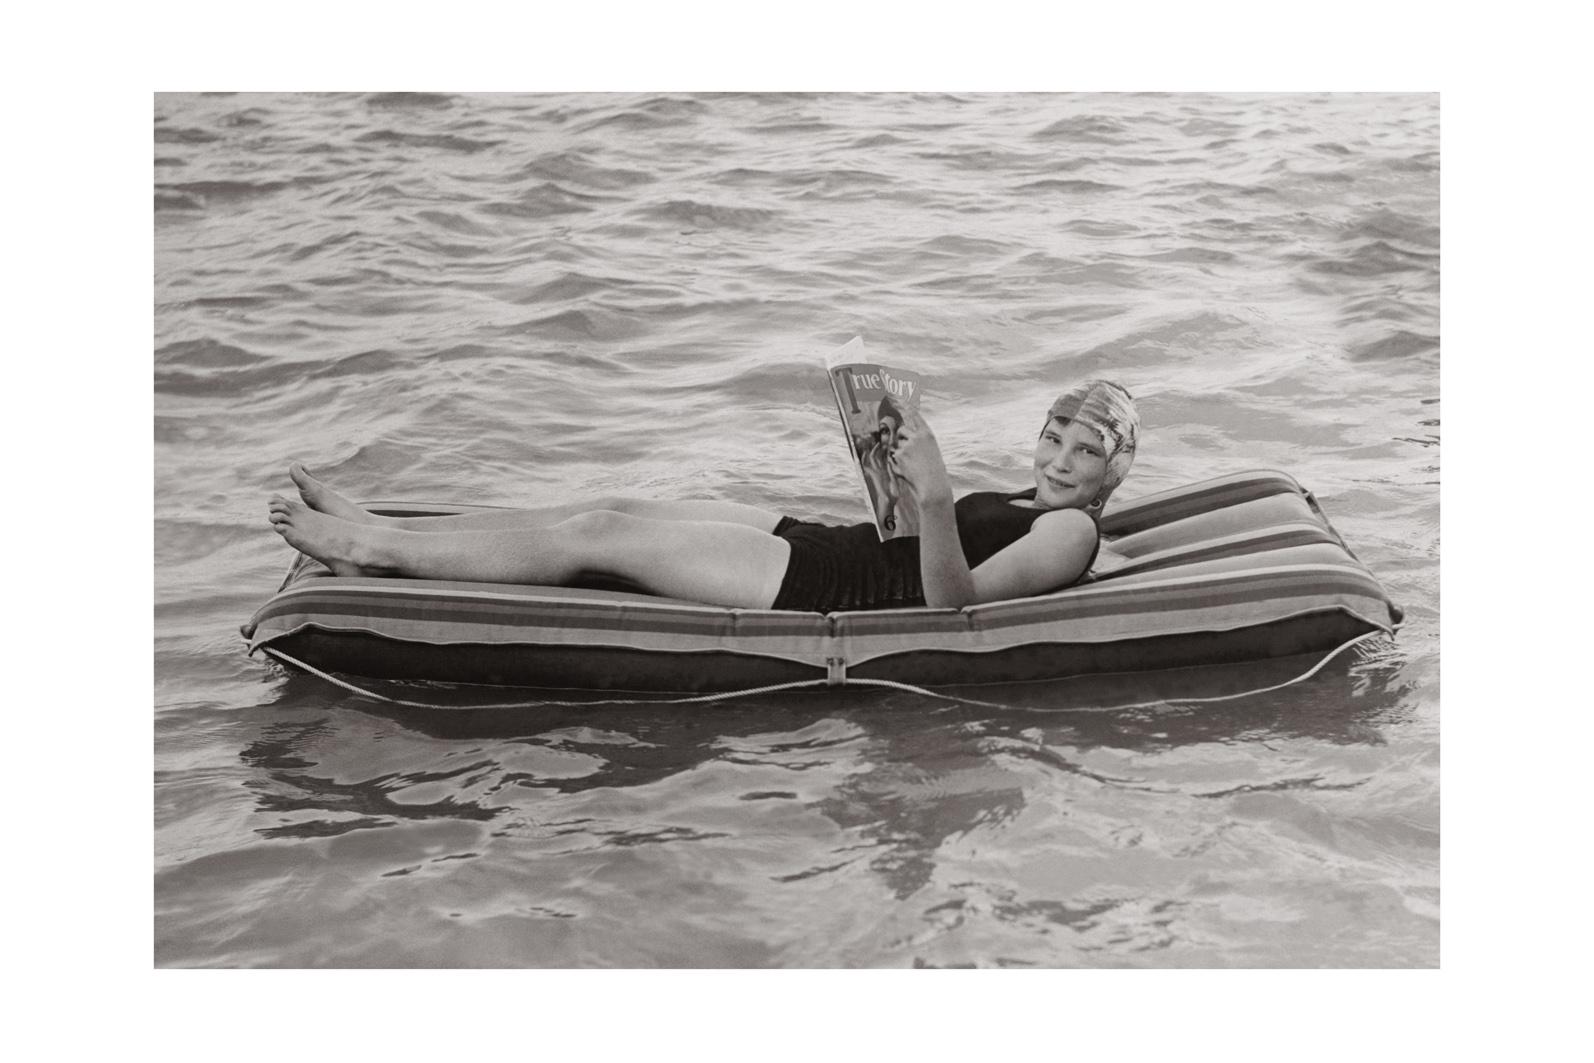 Photo ancienne noir et blanc mer n°79 cadre noir 70x105cm